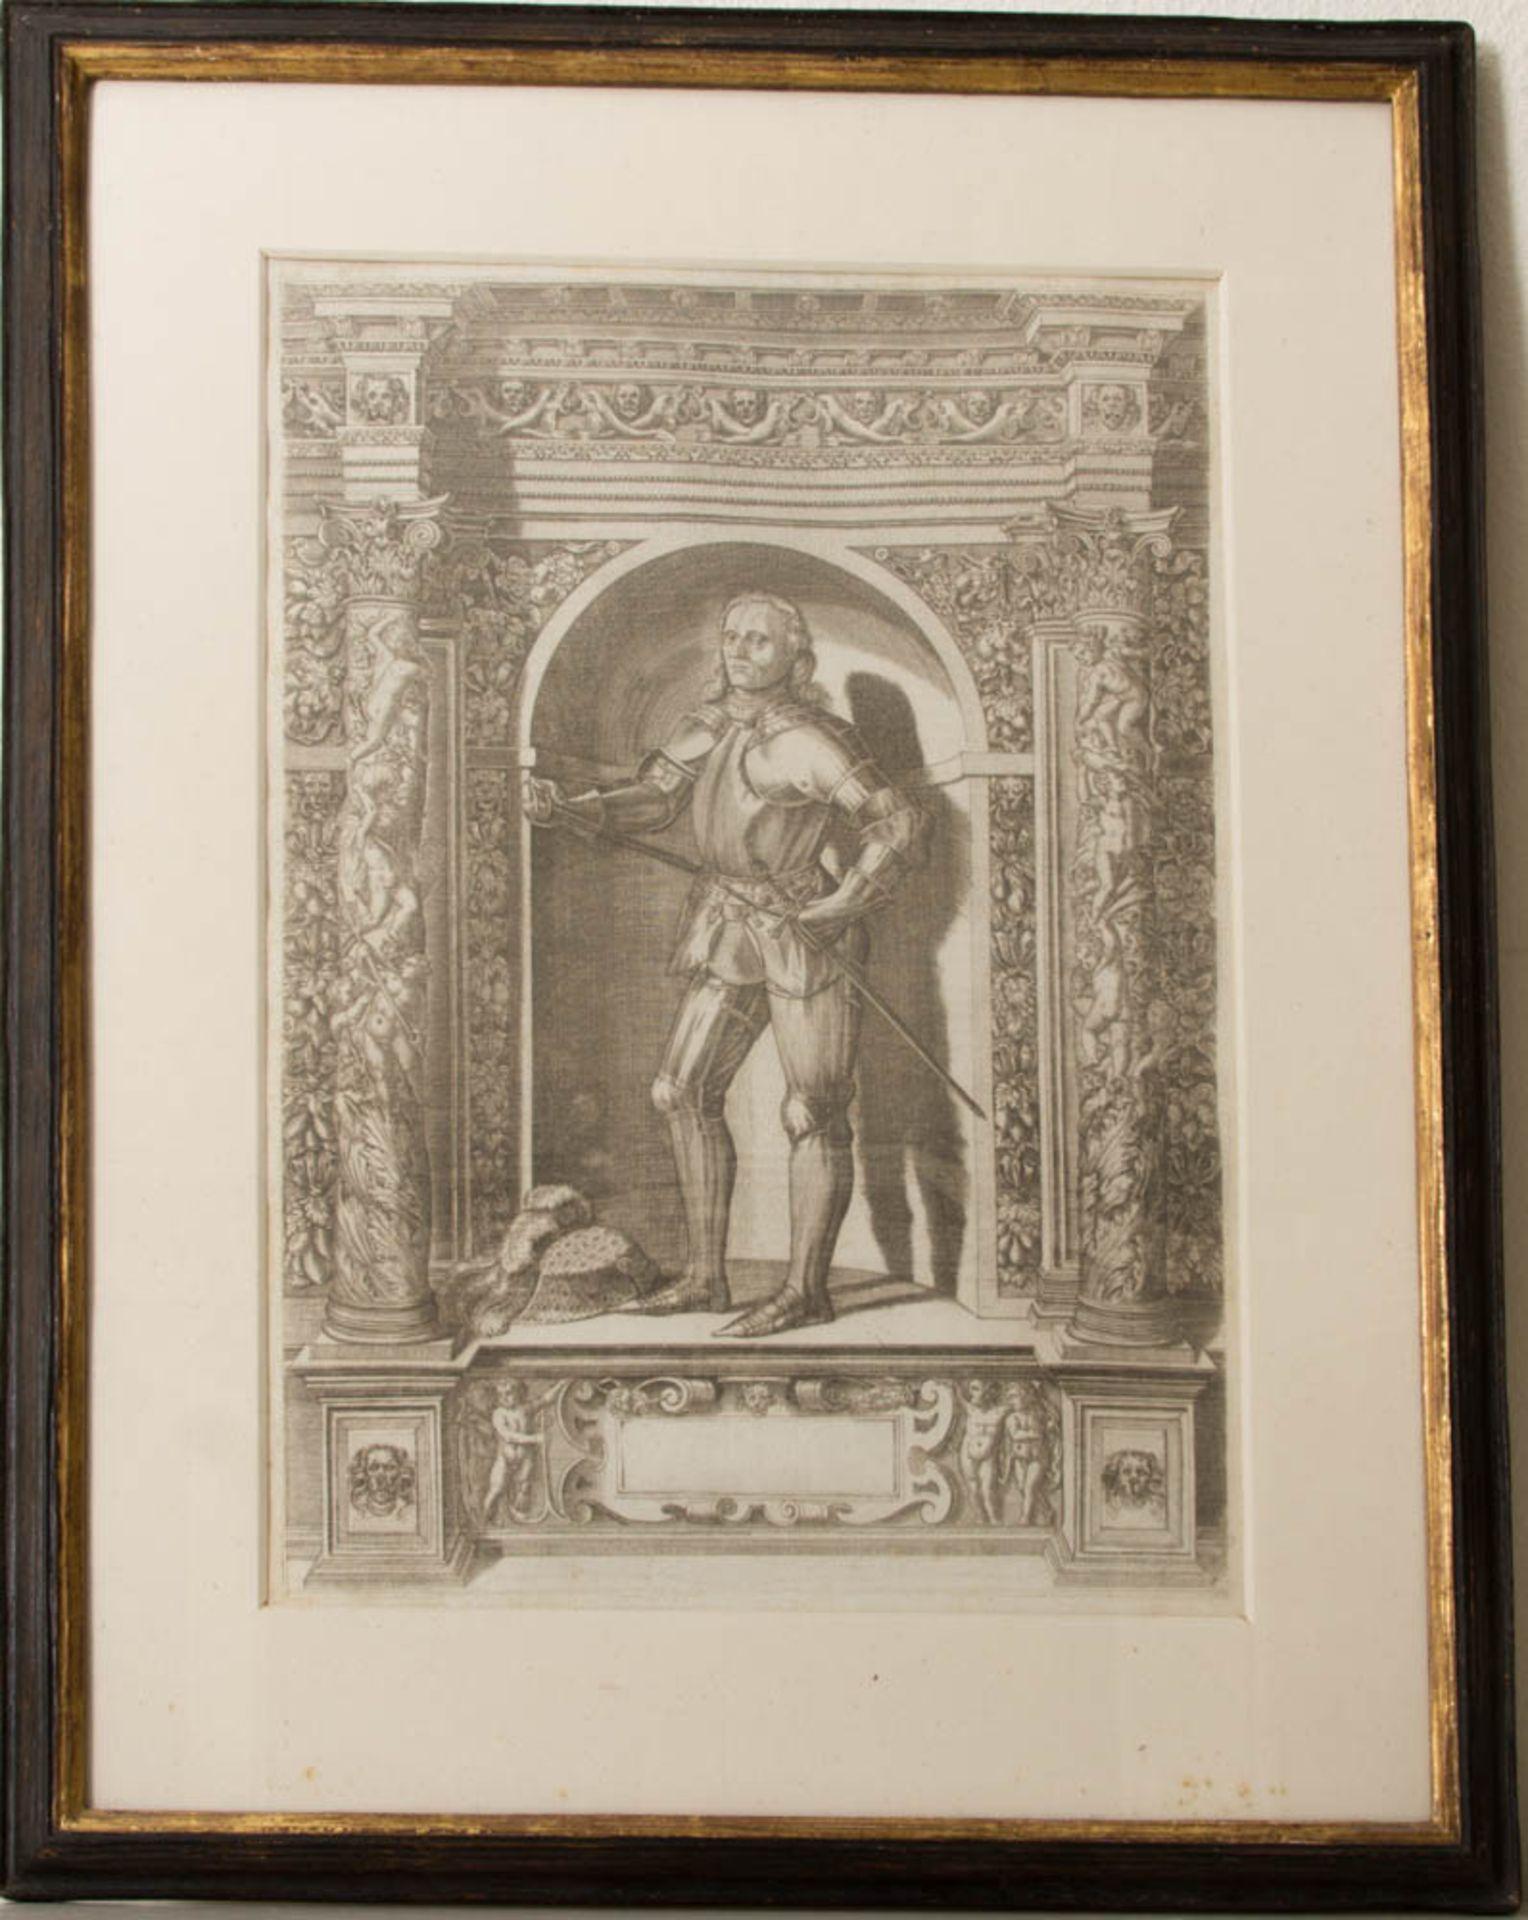 Vier Herrenportraits, Druckgrafik, 18. Jh.Teilweise rückseitig verglast und bedruckt. - Bild 5 aus 5